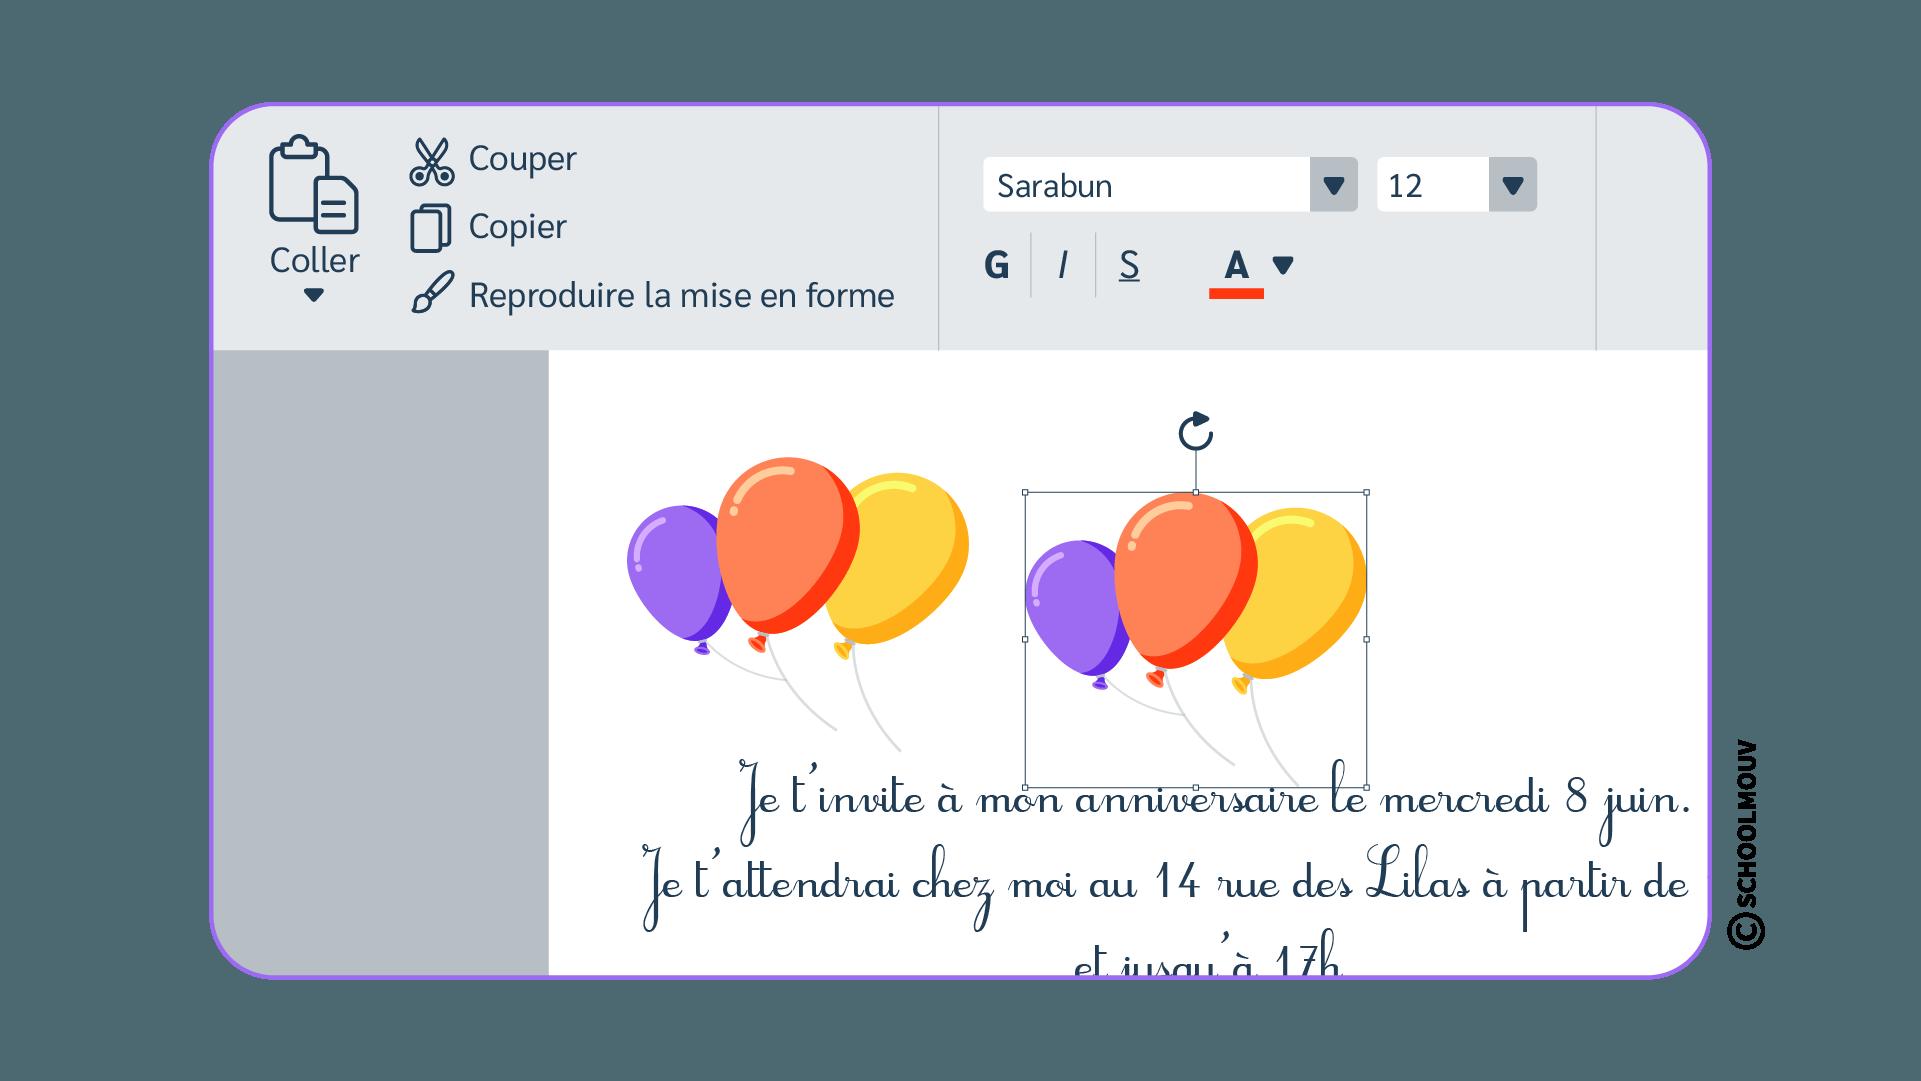 Informatique - Sélection - Image - Dupliquer - SchoolMouv - Sciences - CE2